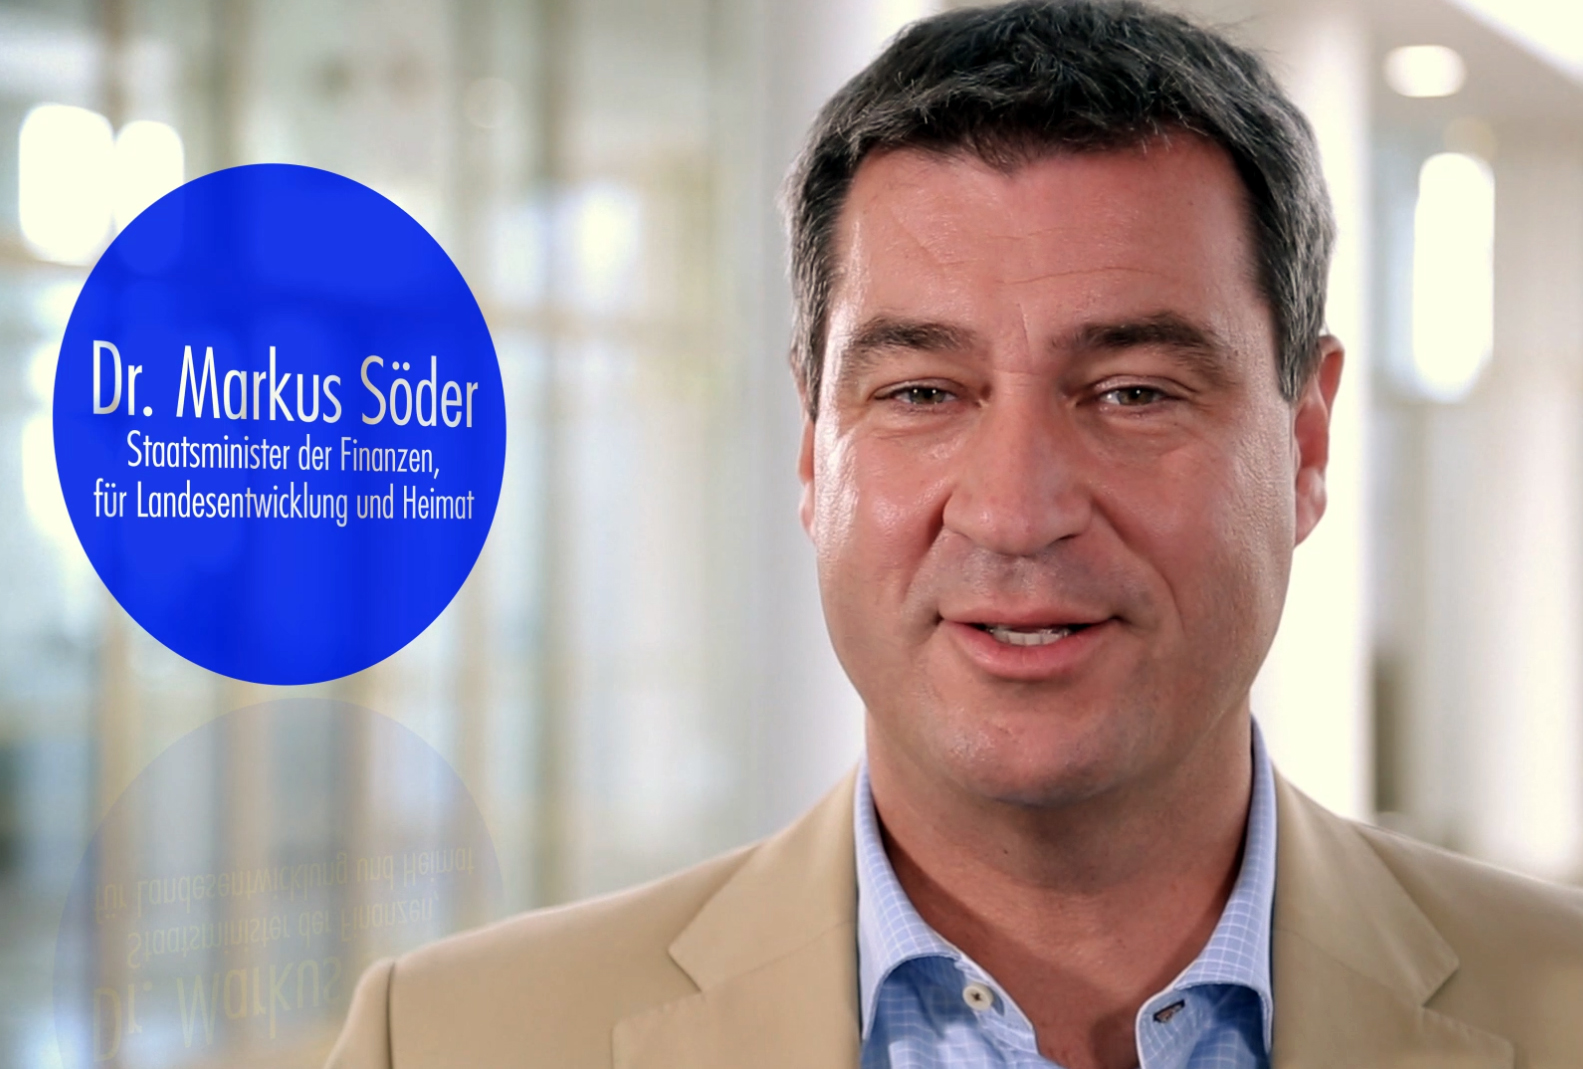 Dr. Markus Söder Ausbildung Finanzamt